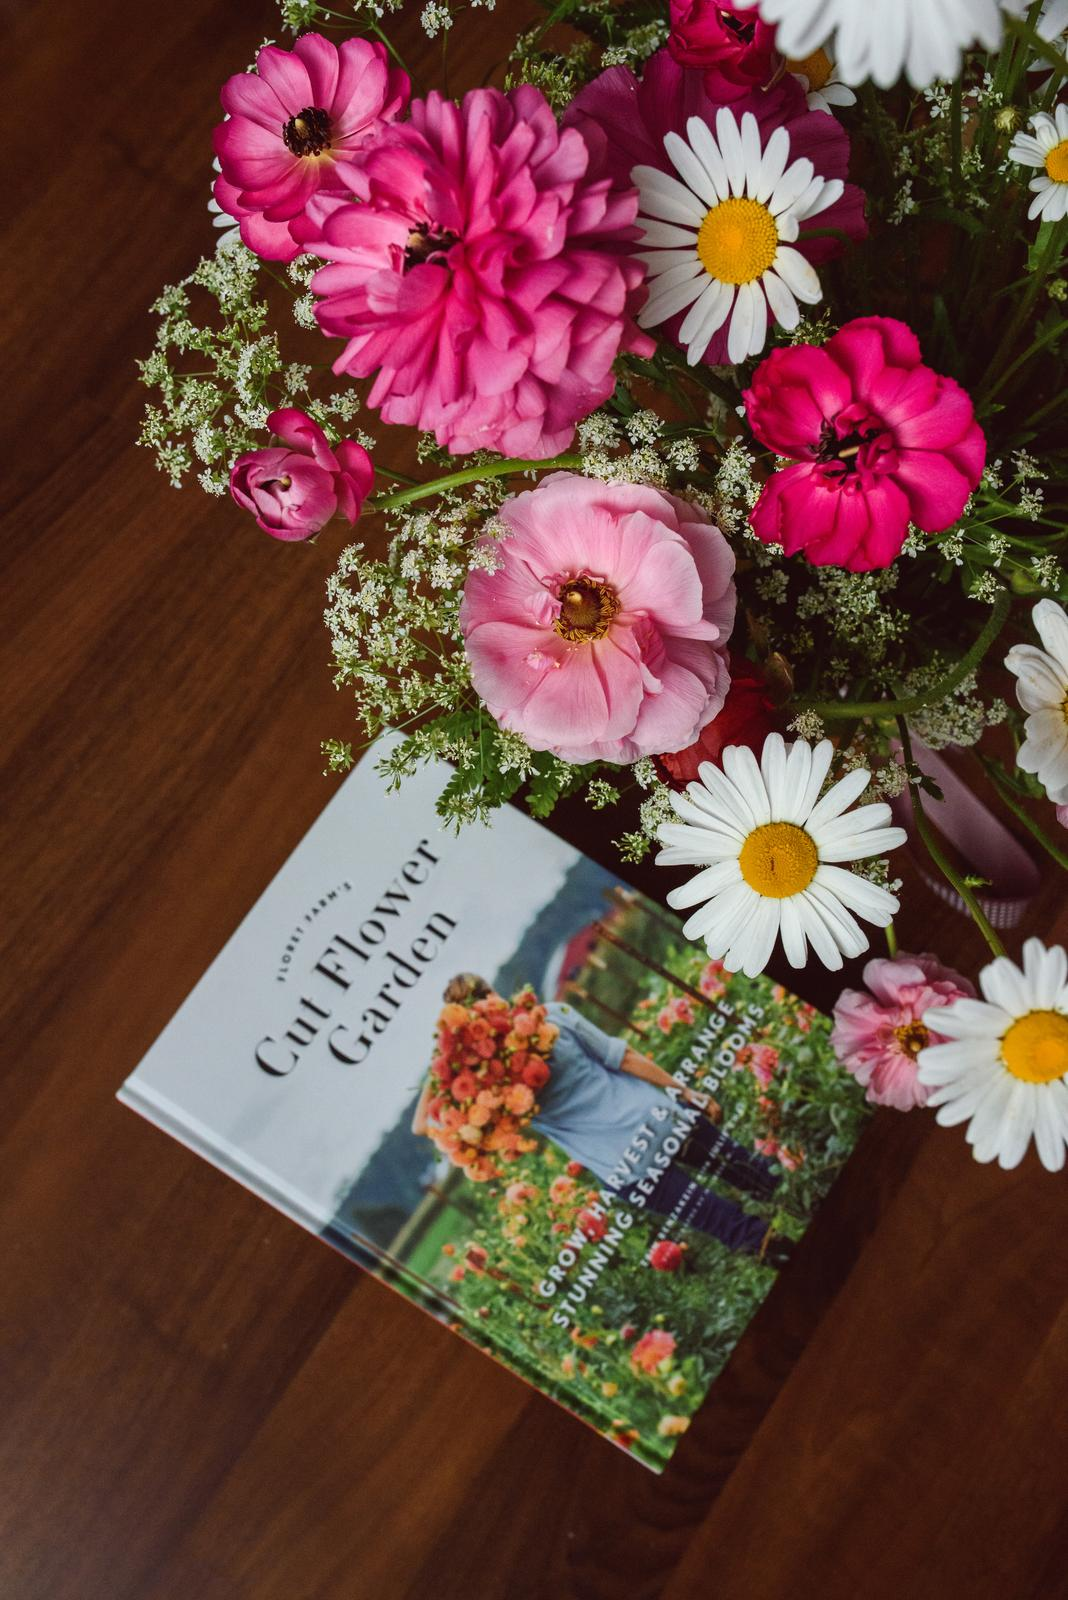 Vo víre kvetov... - Knižka od Erin je už v mojich rukách. Je to príjemné čítanie - nie veľmi pretechnizované - skôr motivačné a inšpiračné :-)